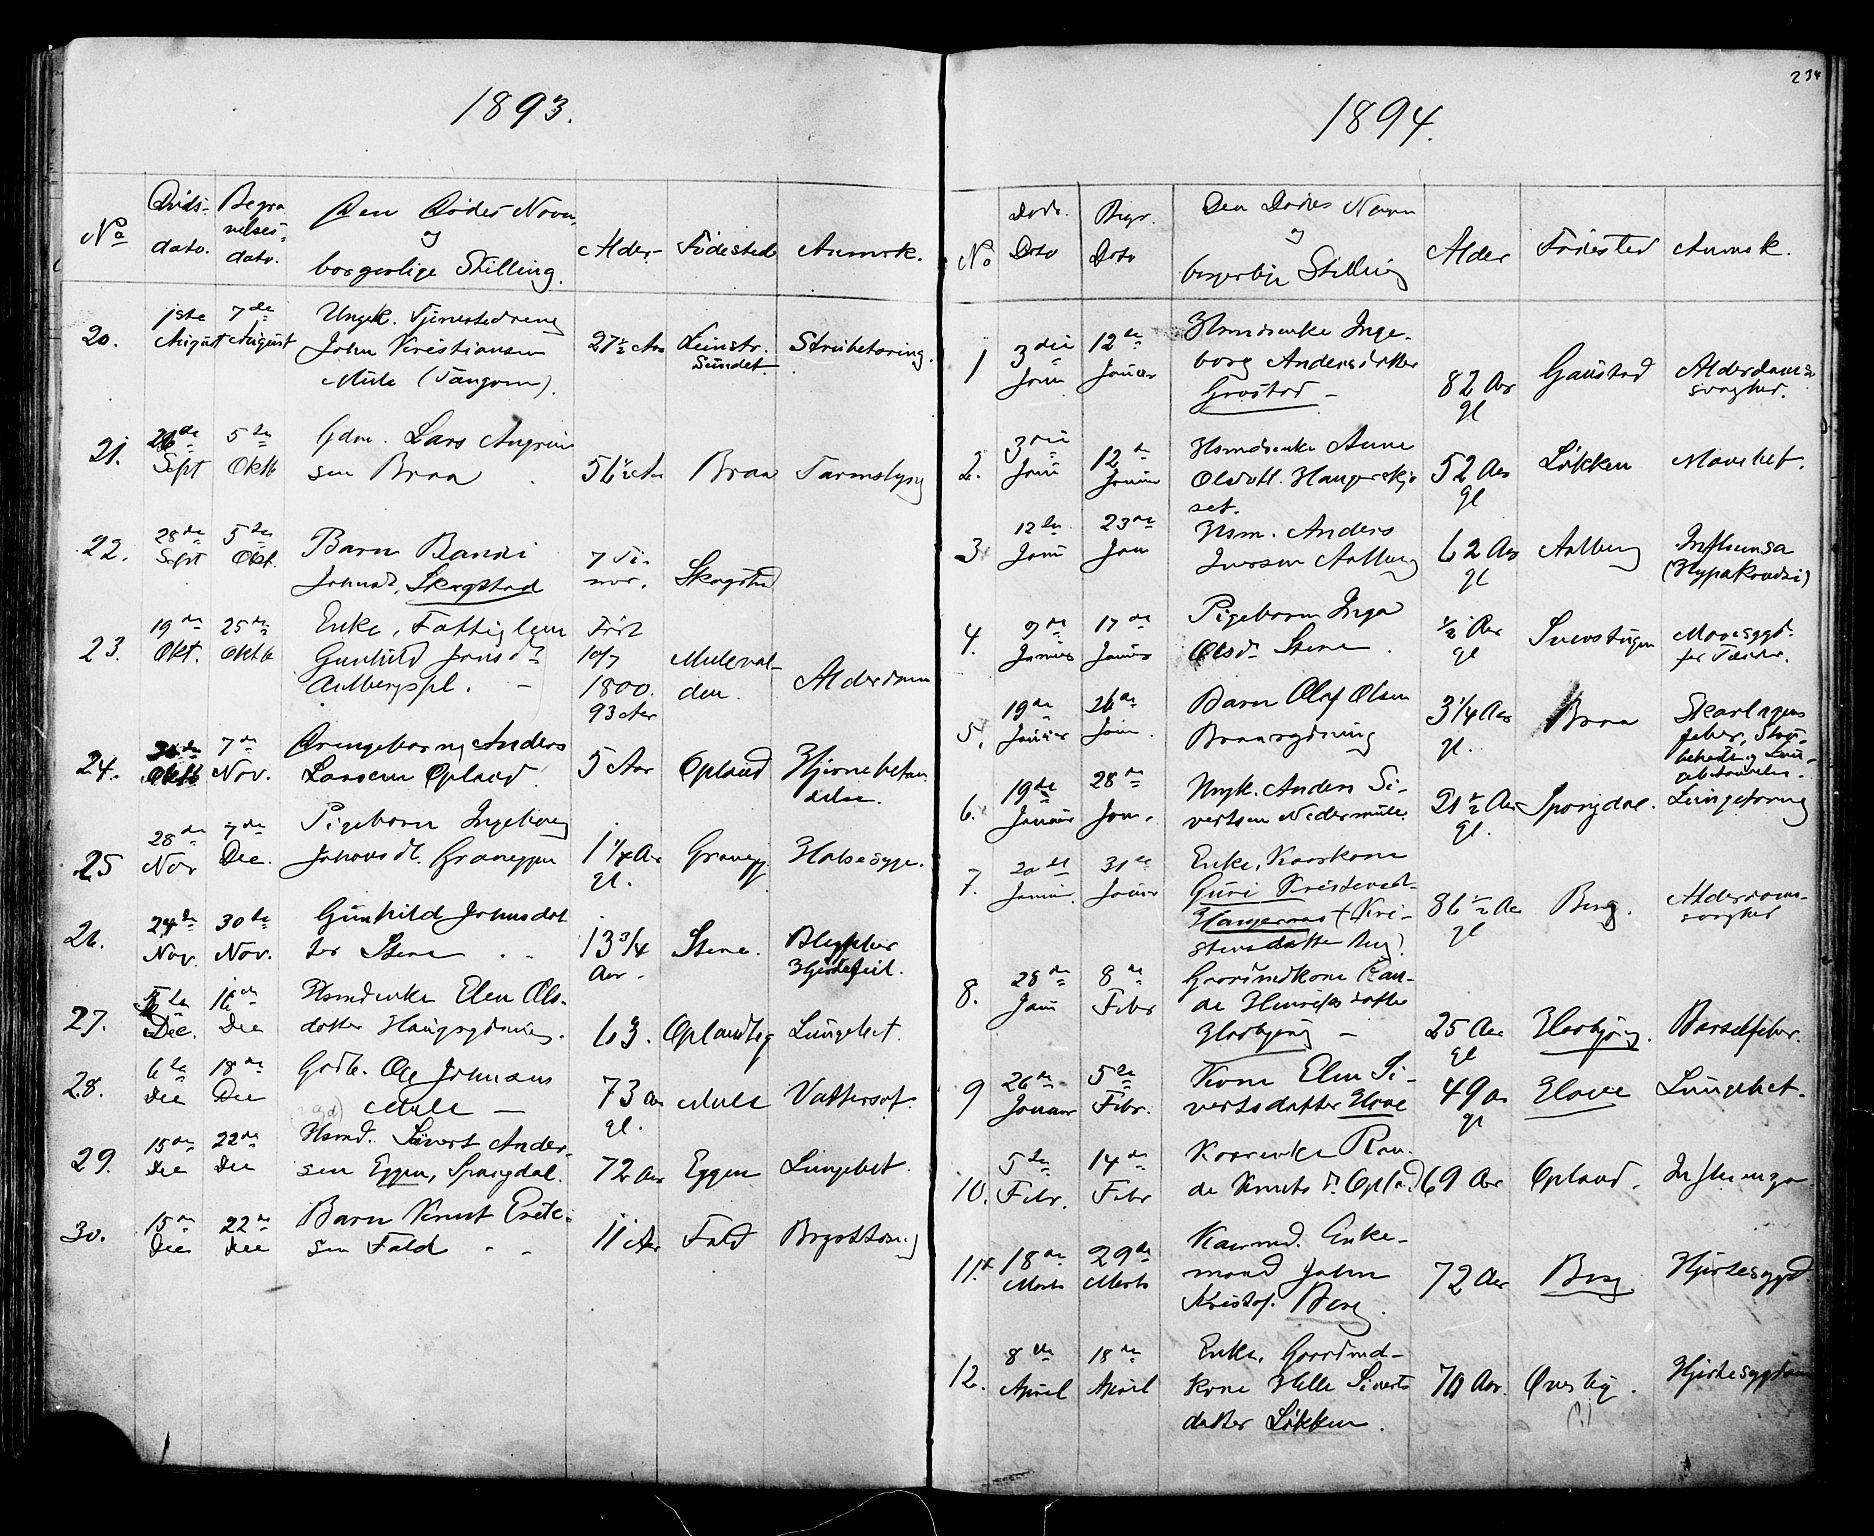 SAT, Ministerialprotokoller, klokkerbøker og fødselsregistre - Sør-Trøndelag, 612/L0387: Klokkerbok nr. 612C03, 1874-1908, s. 234